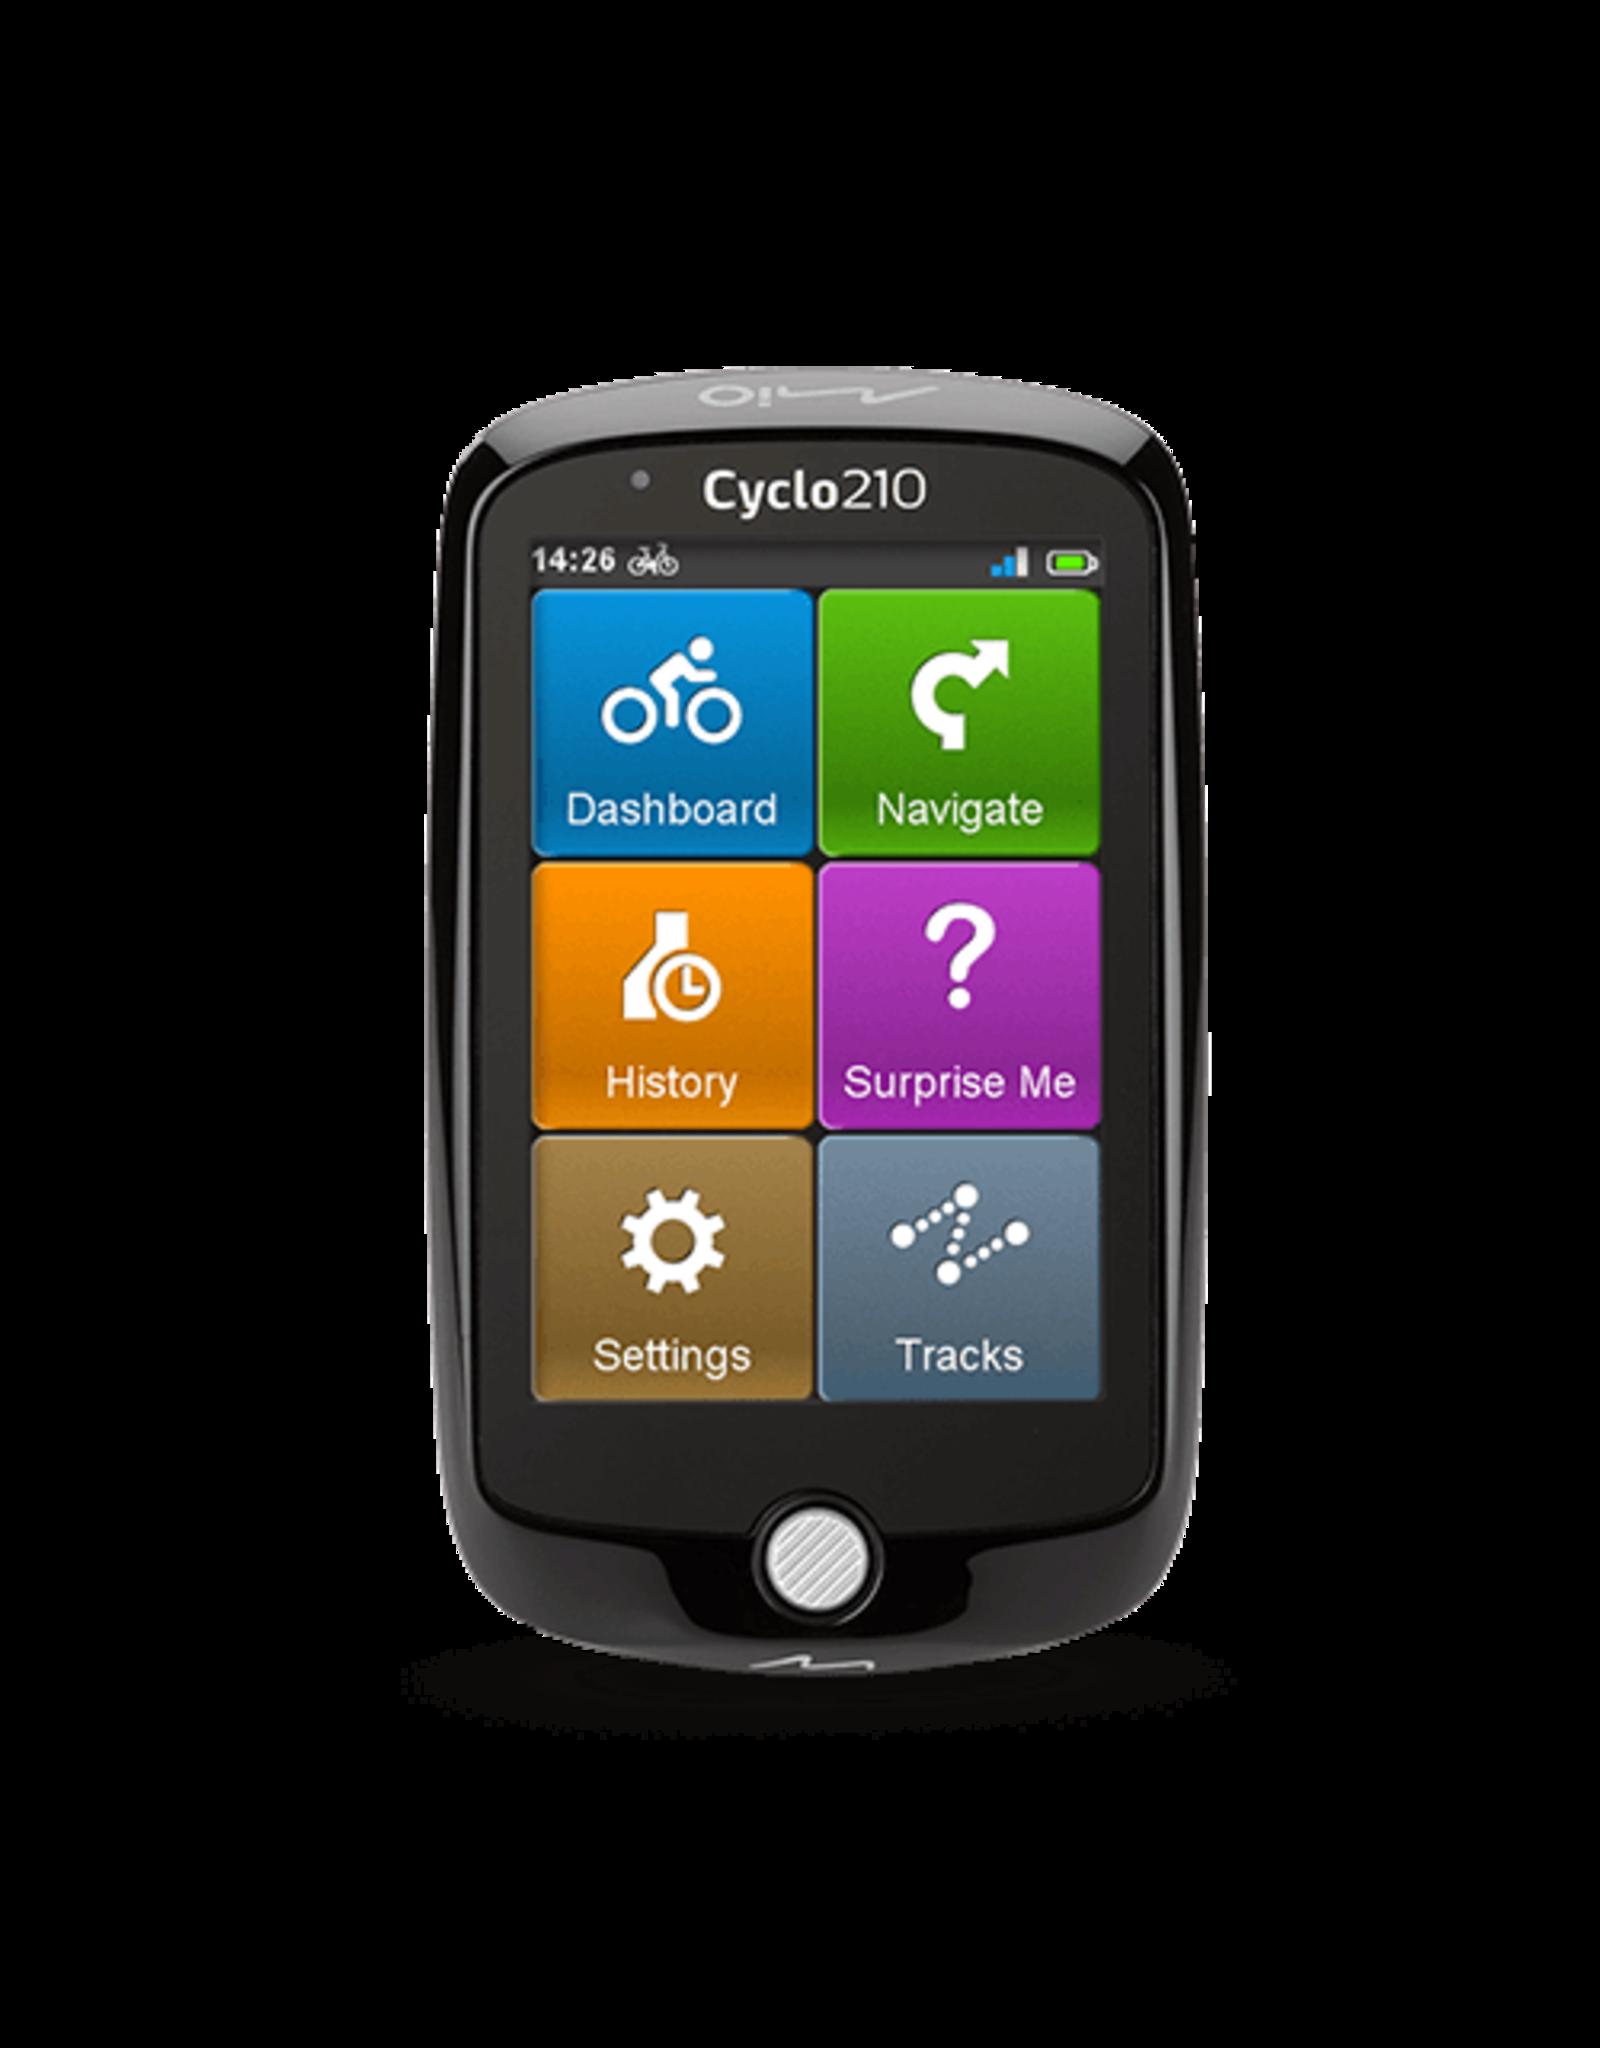 Mio Mio Cyclo 210 refurb